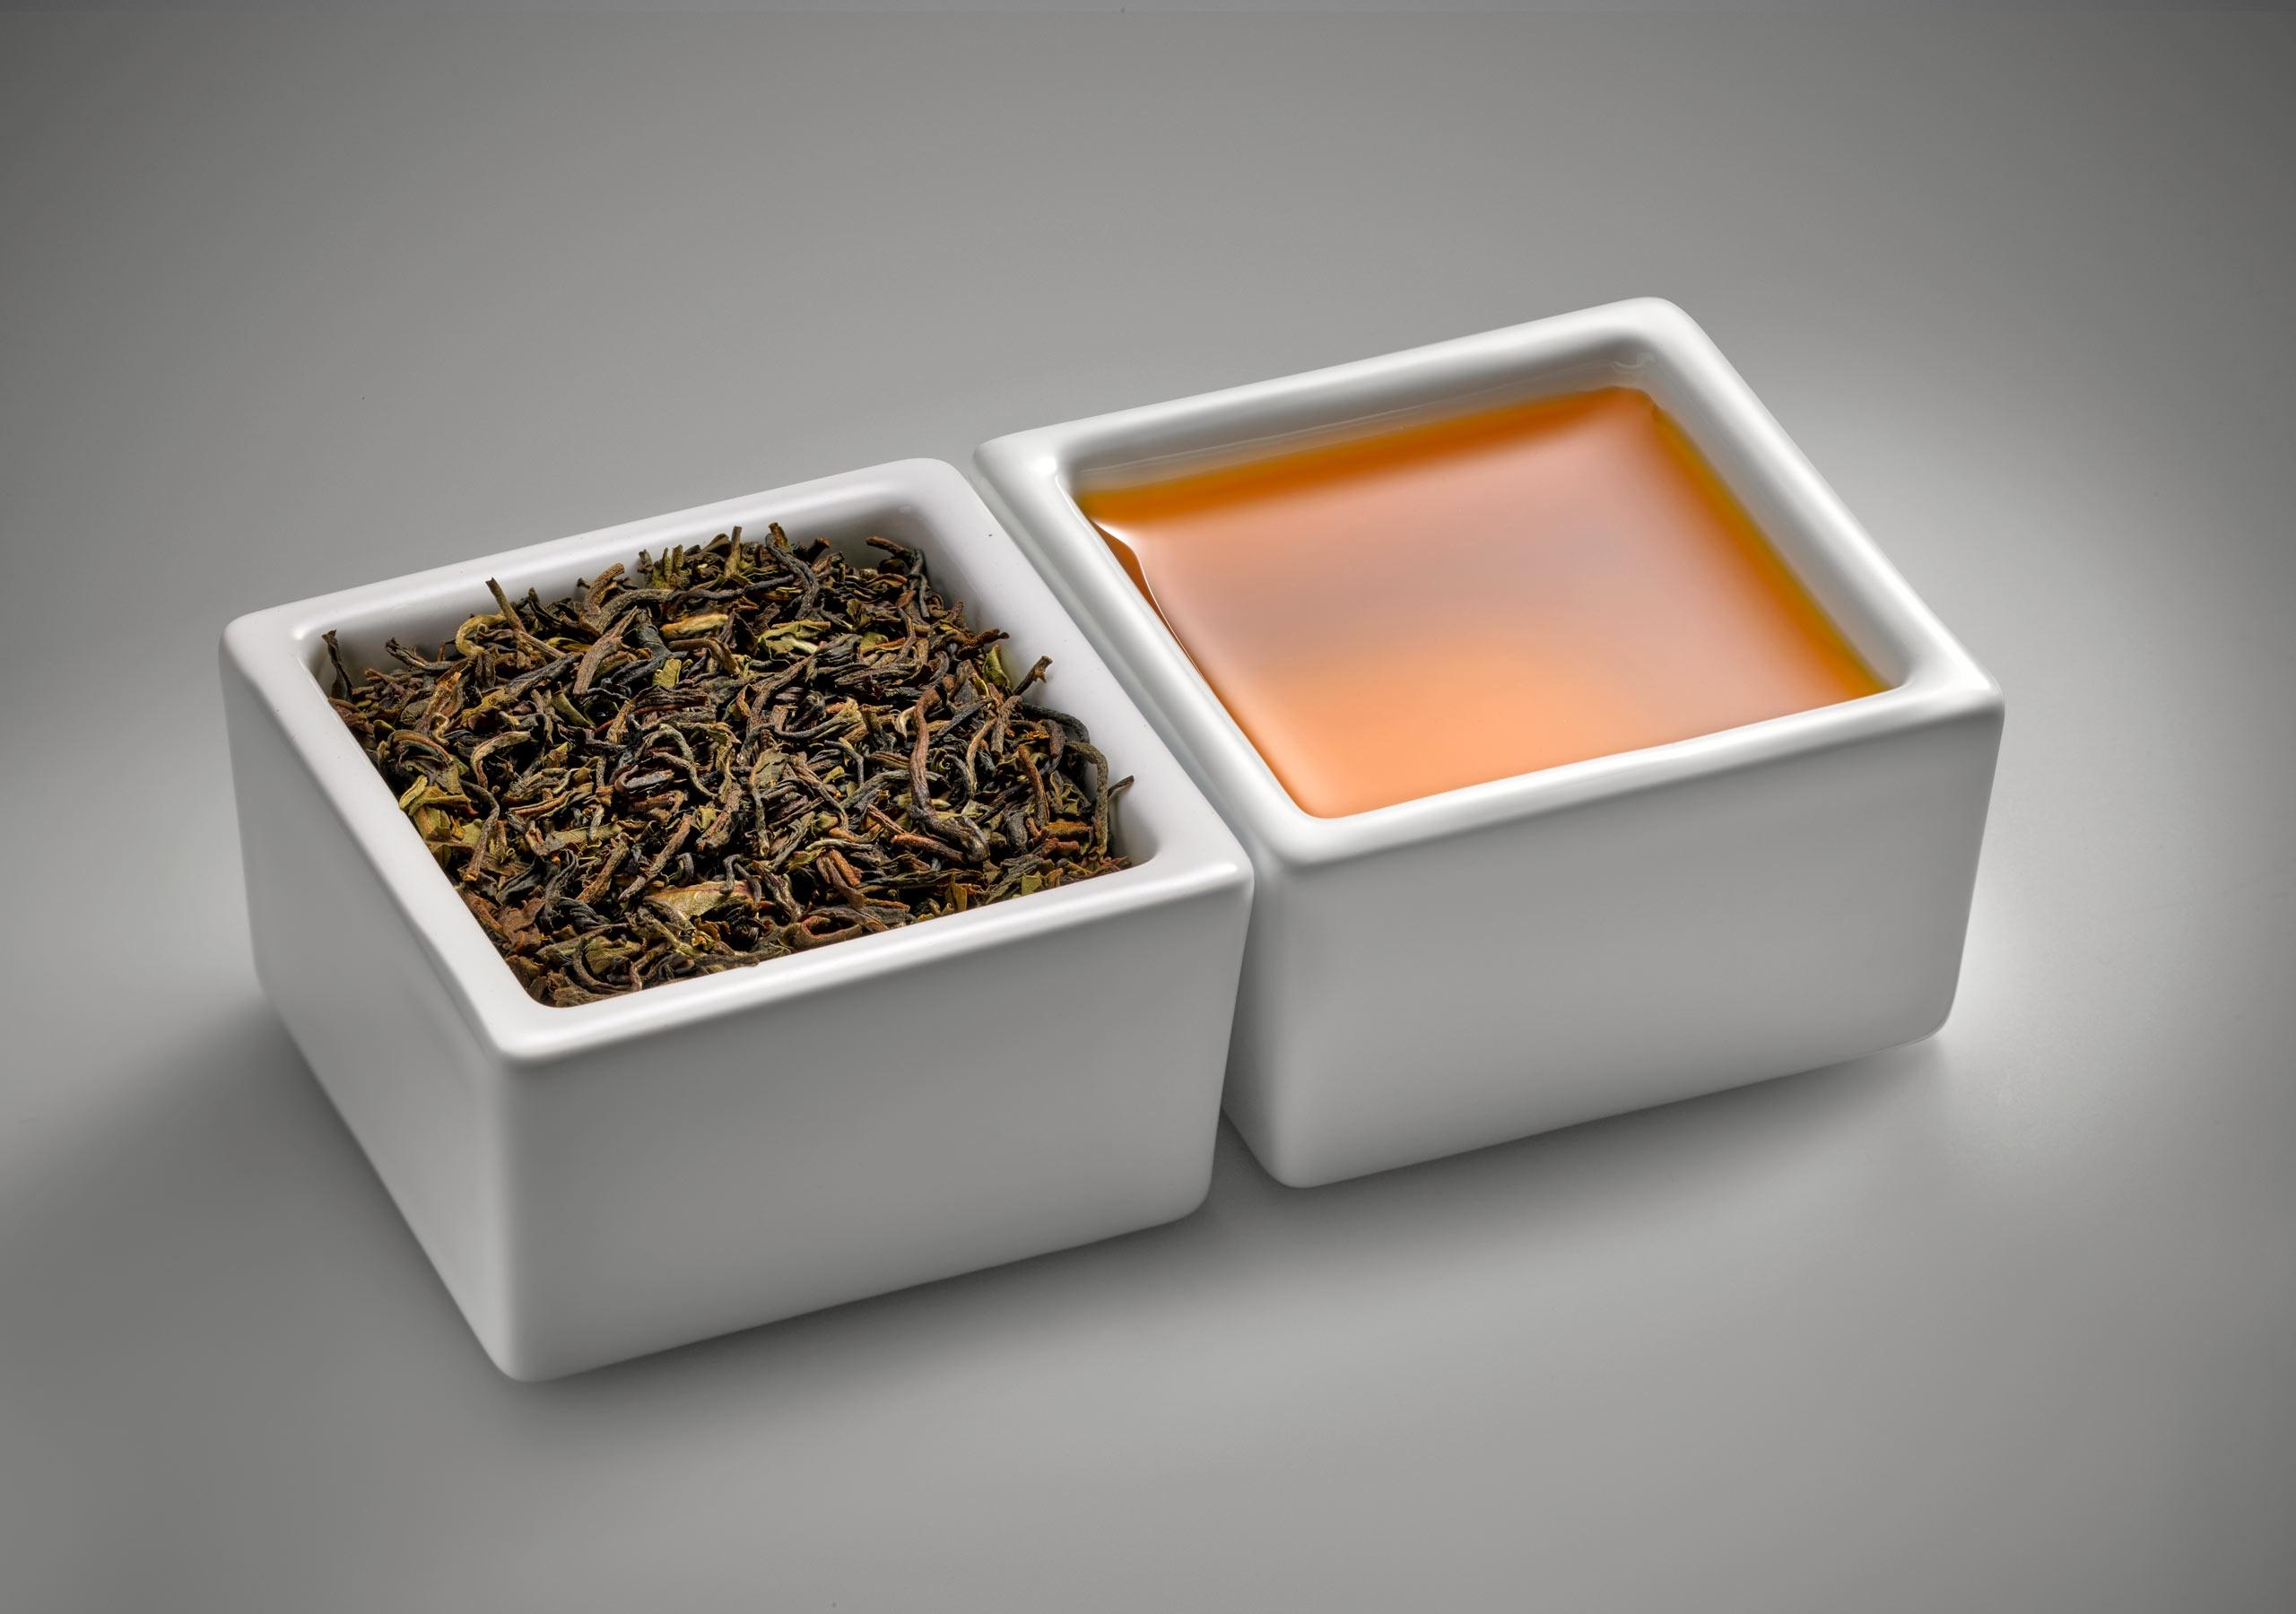 خرید و فروش چای سیاه شمال